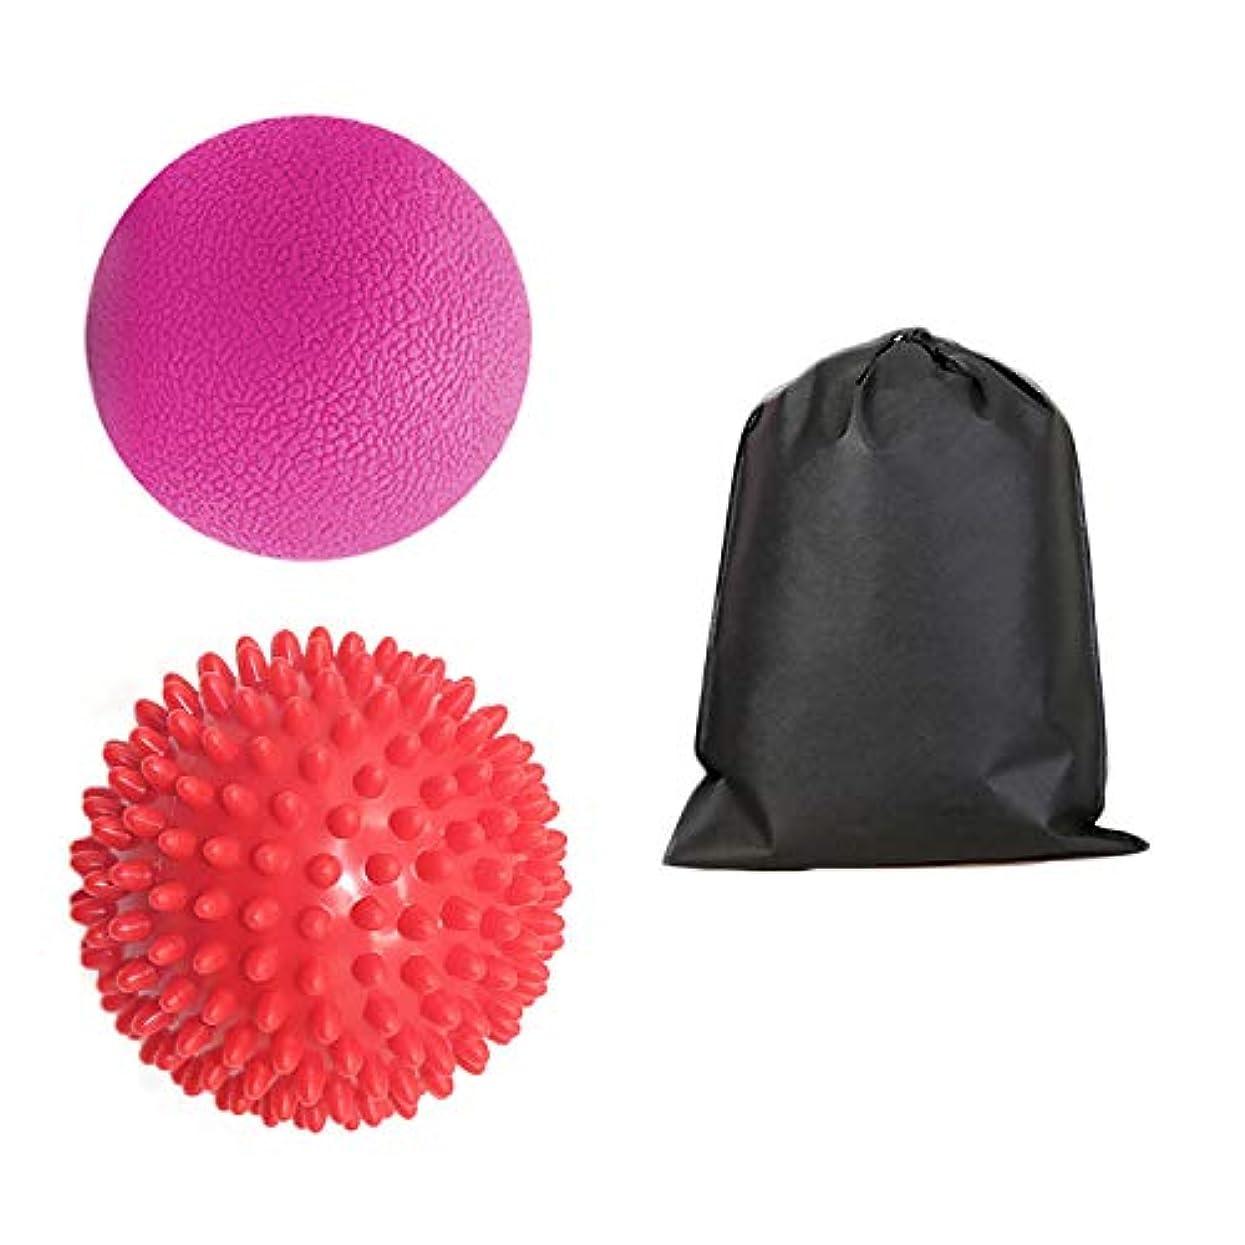 アラートあまりにも針Migavan 1個マッサージボールマッサージボールローラーマッサージボール+ 1袋スパイクマッサージローラーボールマッサージと収納バッグ